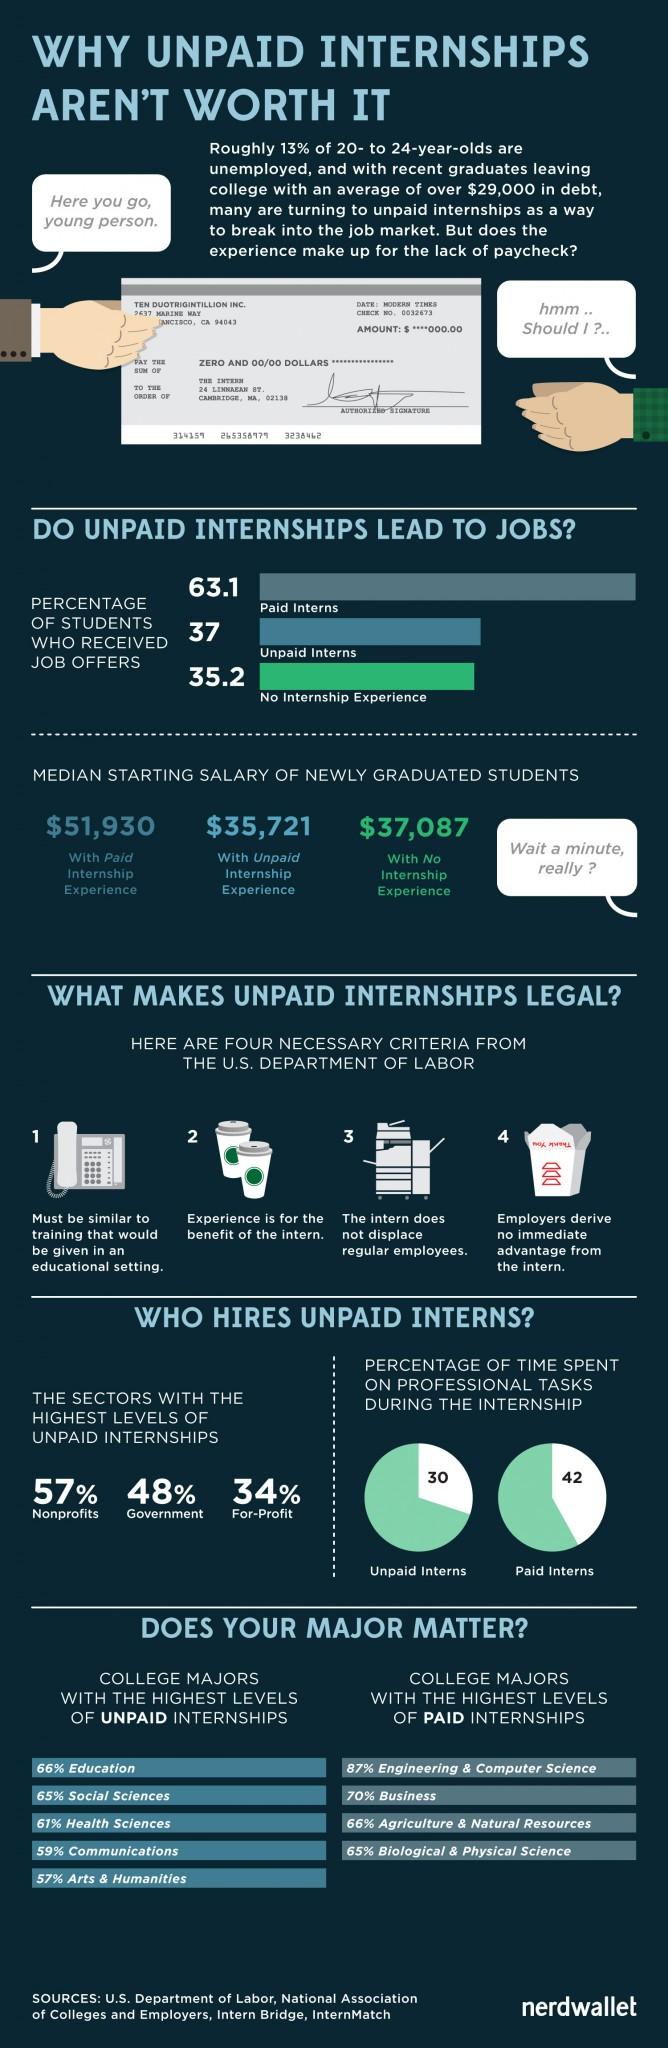 unpaid_internships_not_worth_it_nerdwallet_750x2300px-040914-FINAL